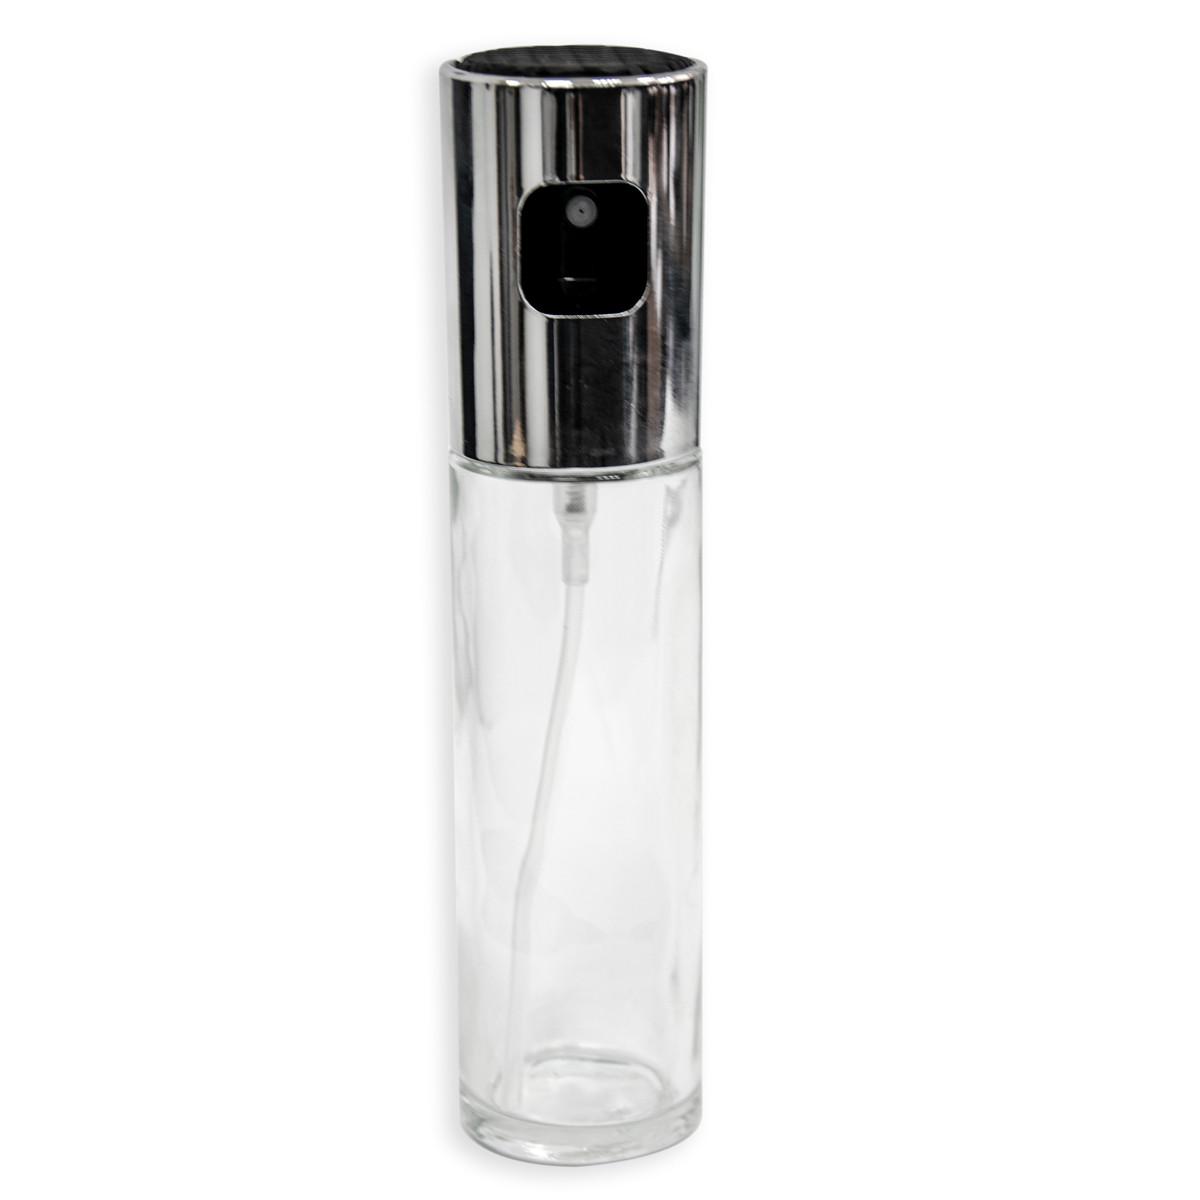 Бутылка для подсолнечного масла со спрей распылителем (100мл), стеклянная емкость для уксуса (ST)